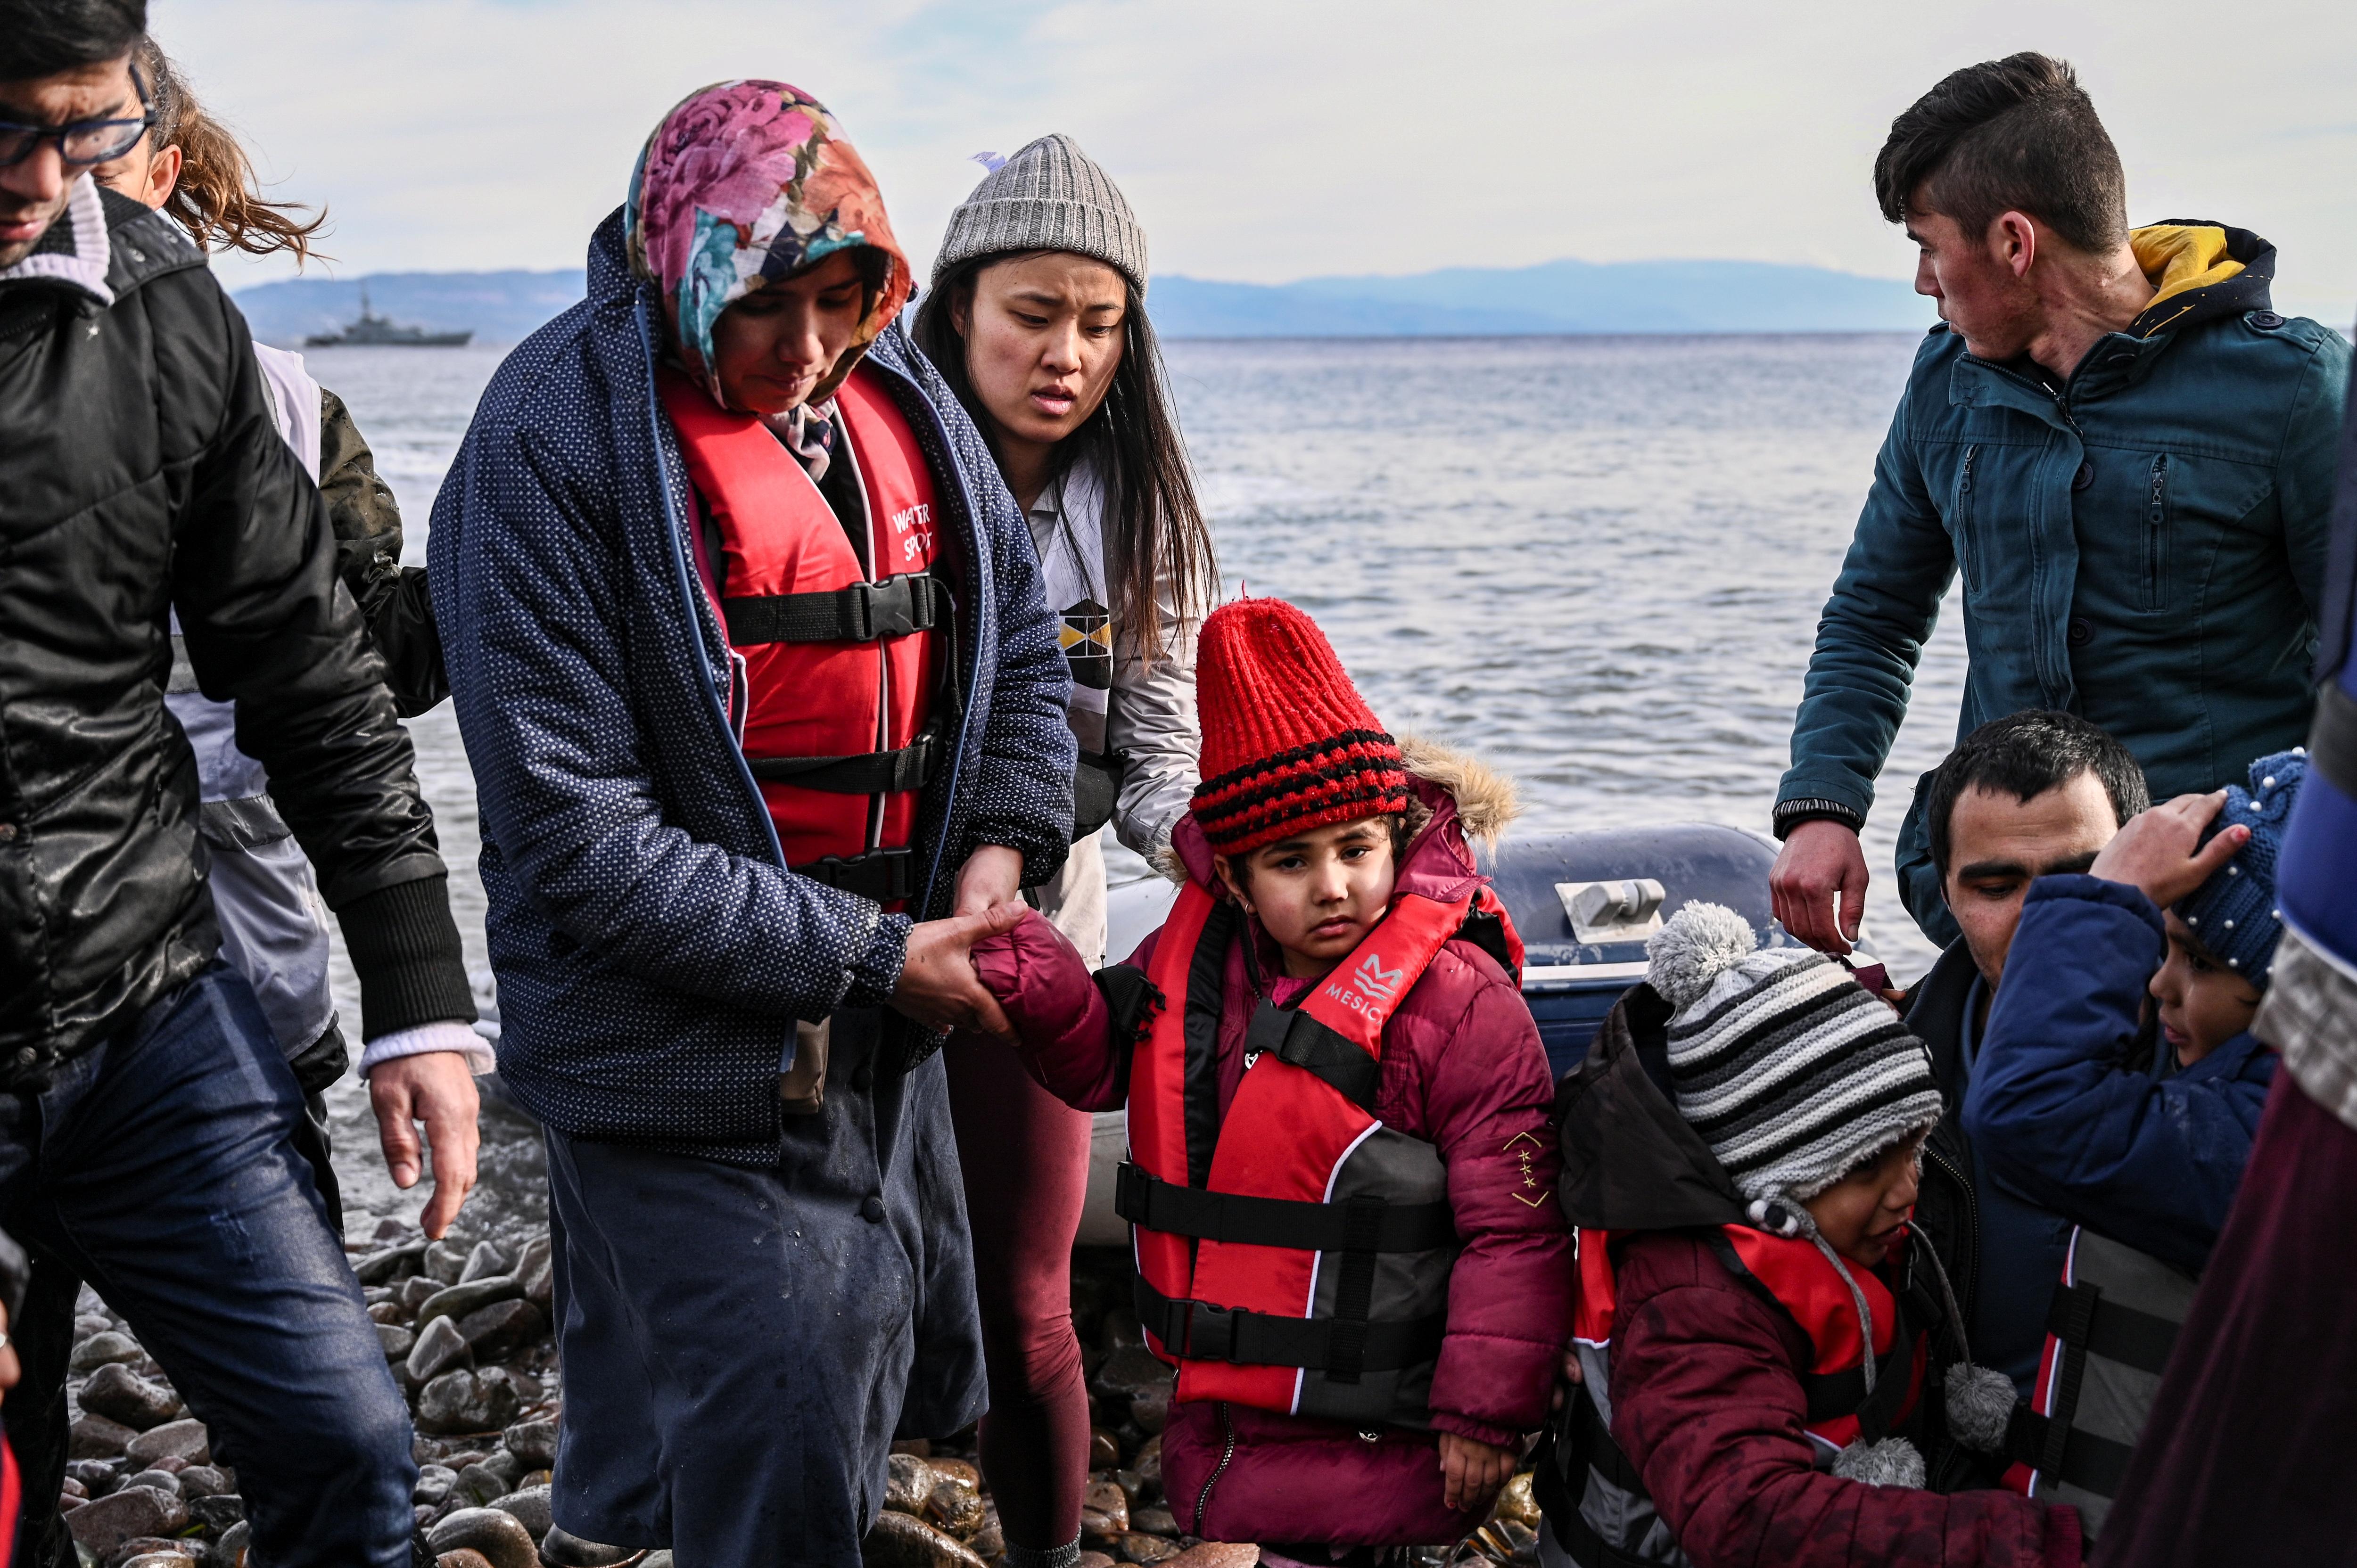 Törökország nem tudja többé feltartóztatni a Szíria felől érkező menekülteket